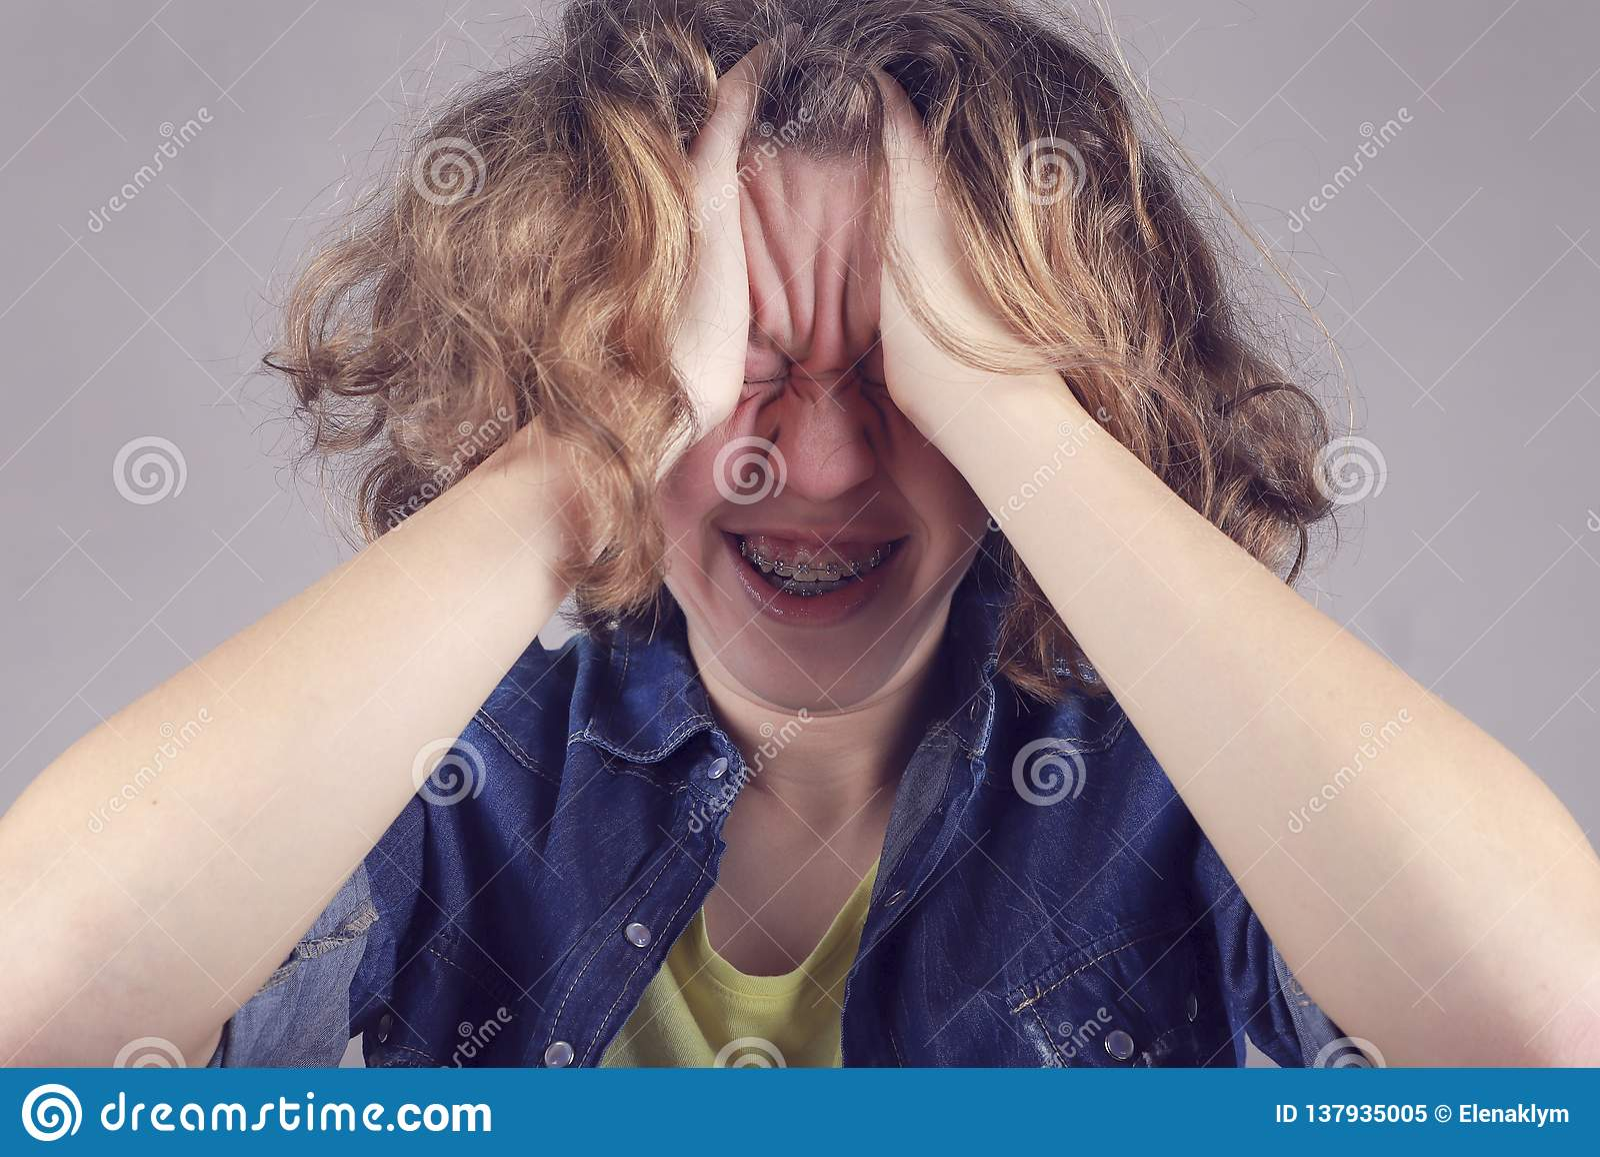 severe-headaches-when-orgasmtures